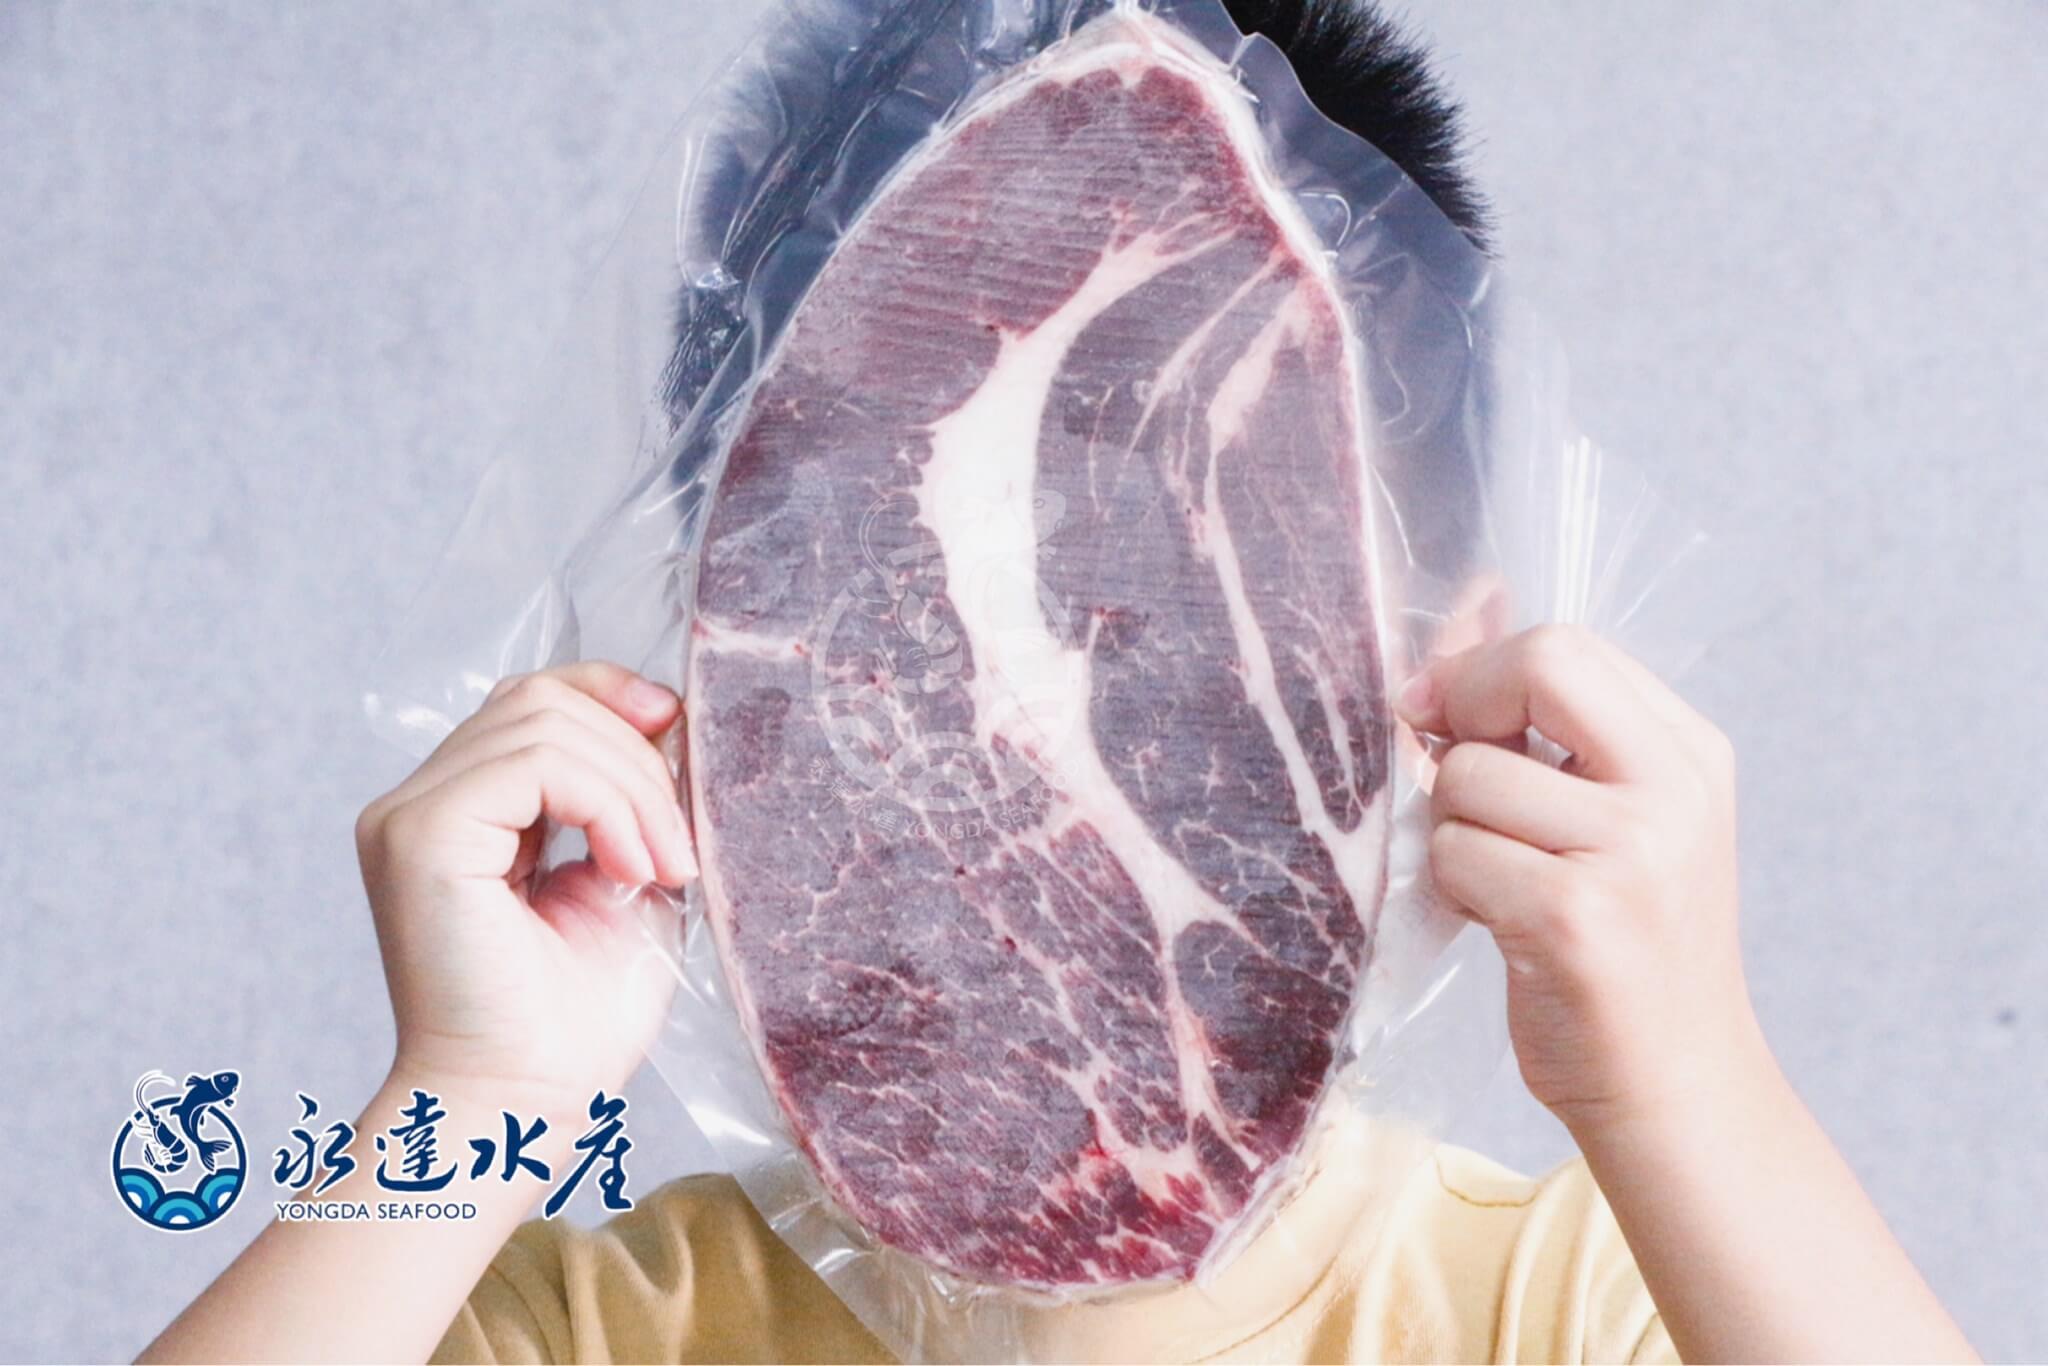 肉品|美國背肩沙朗|背肩沙朗|背肩牛|沙朗牛|牛排|牛肉